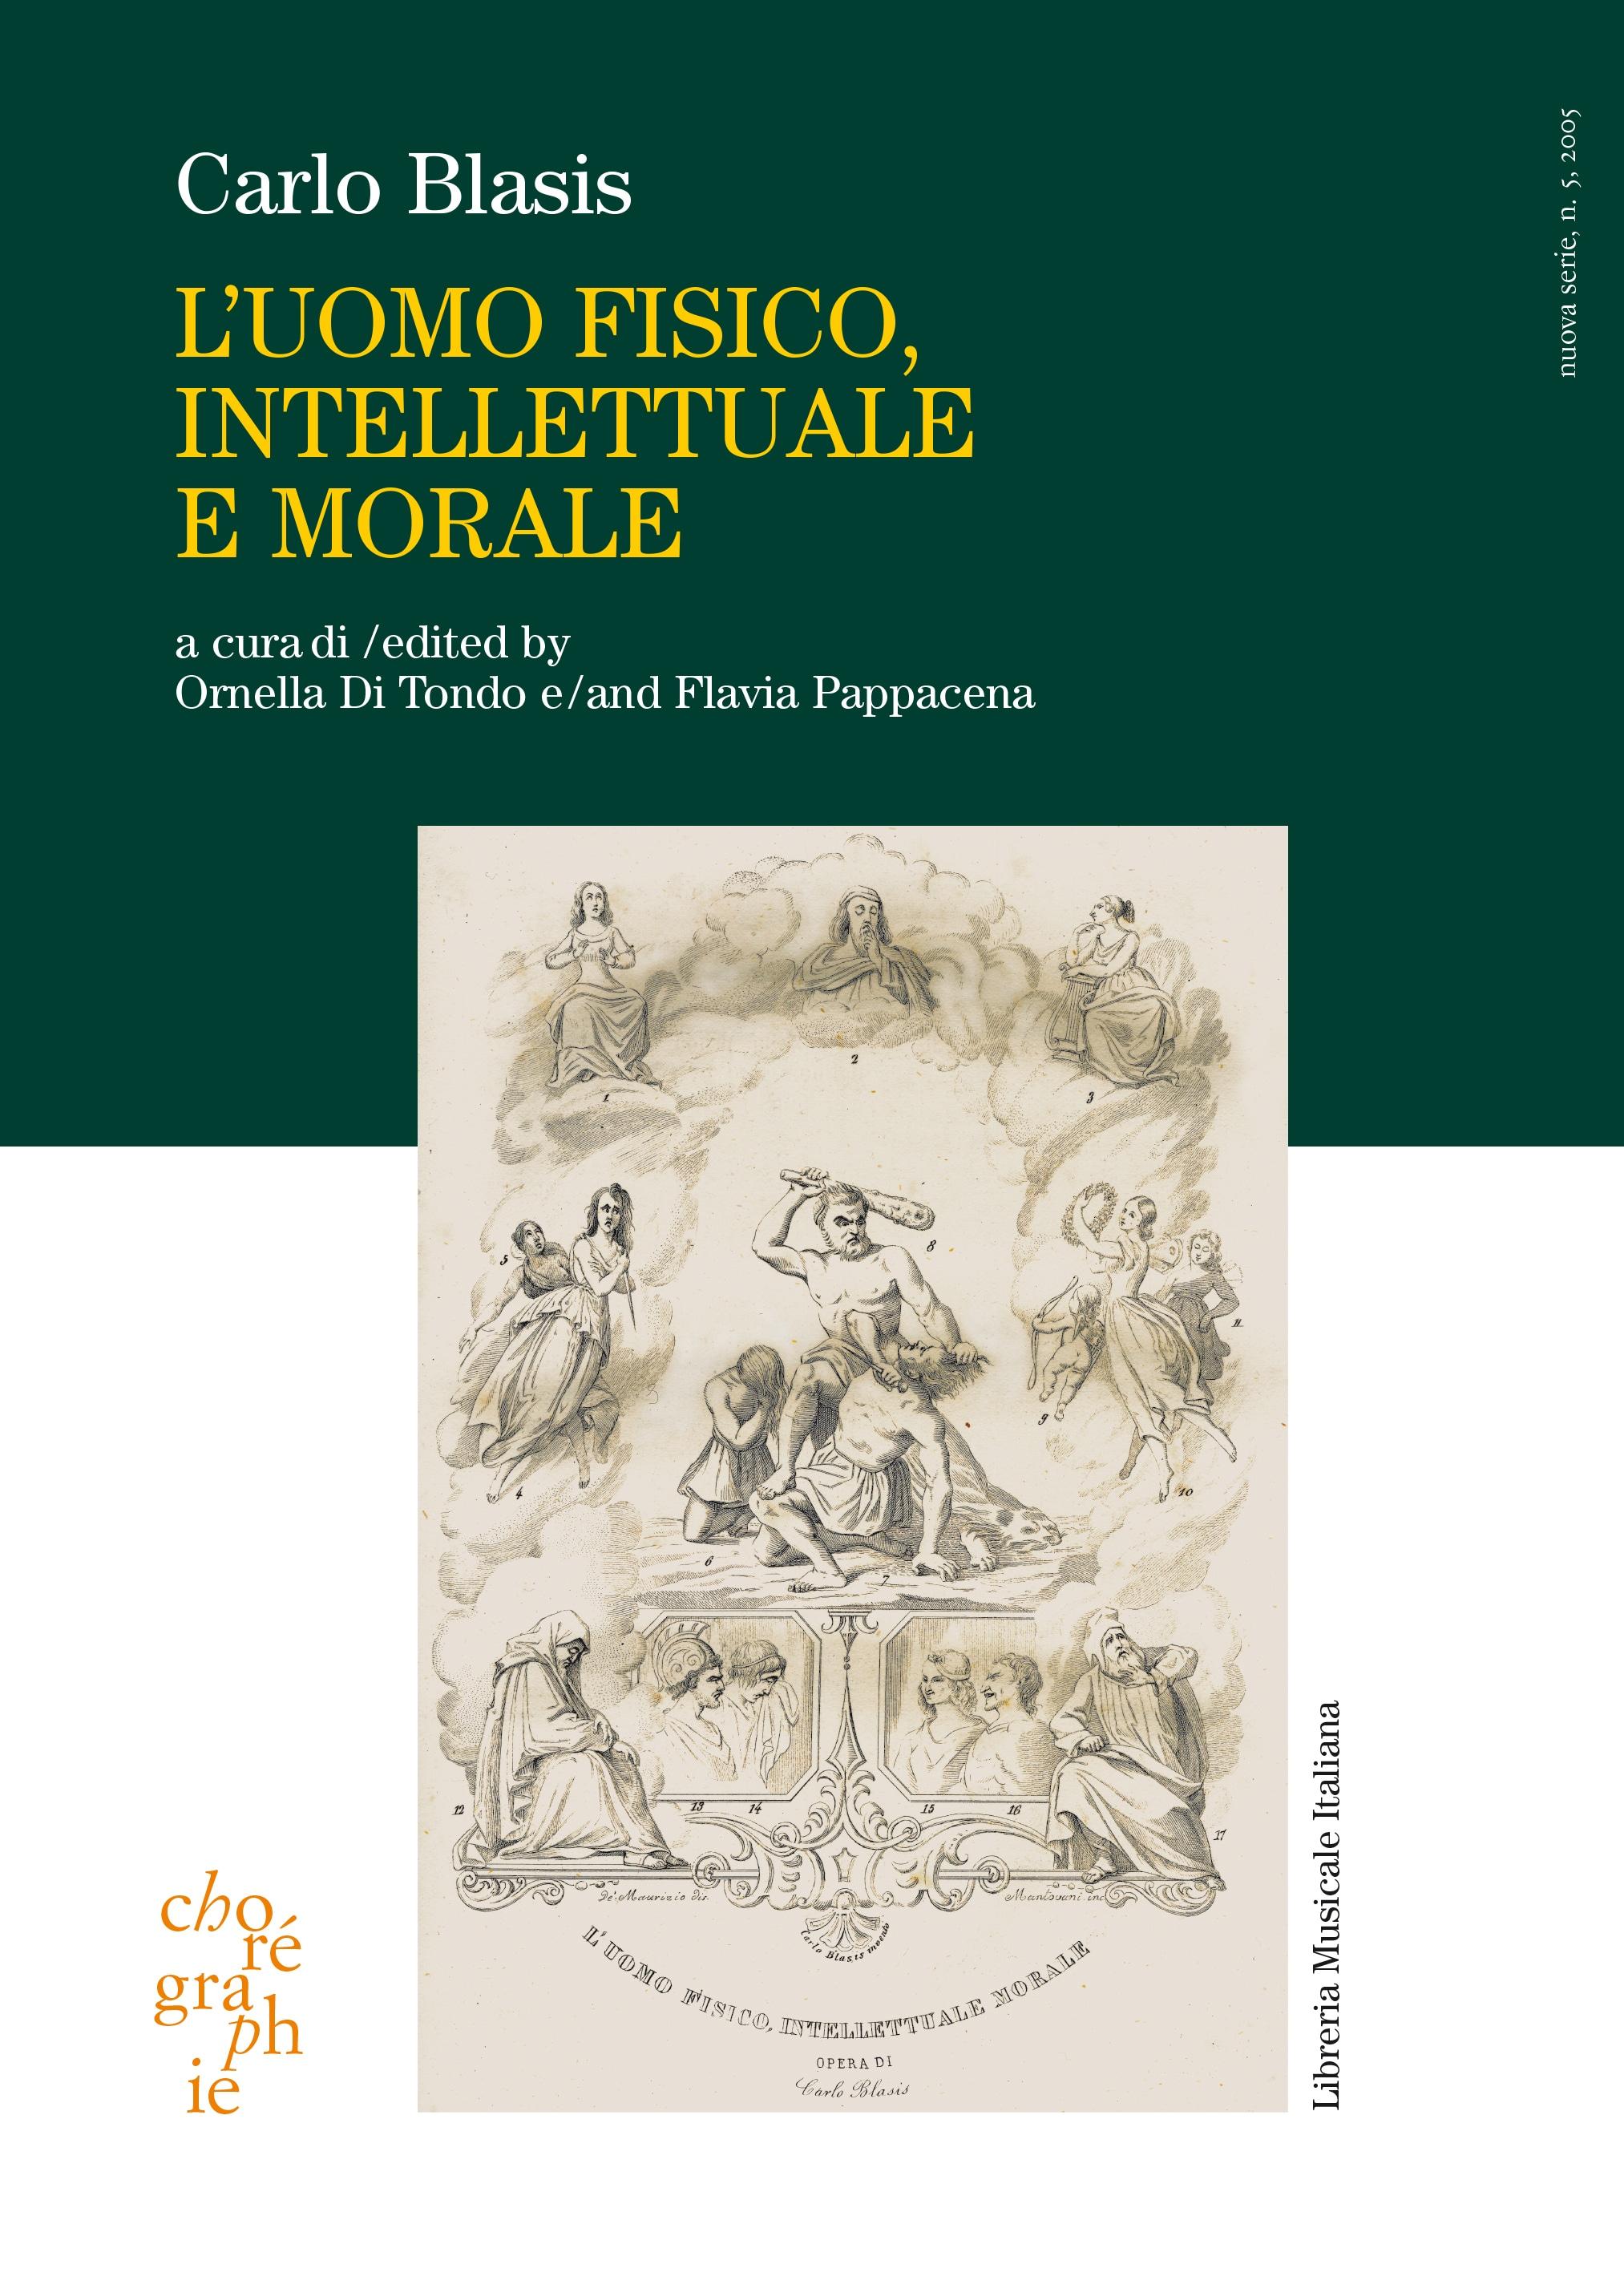 L'Uomo fisico, intellettuale e morale di Carlo Blasi, ed. LIM